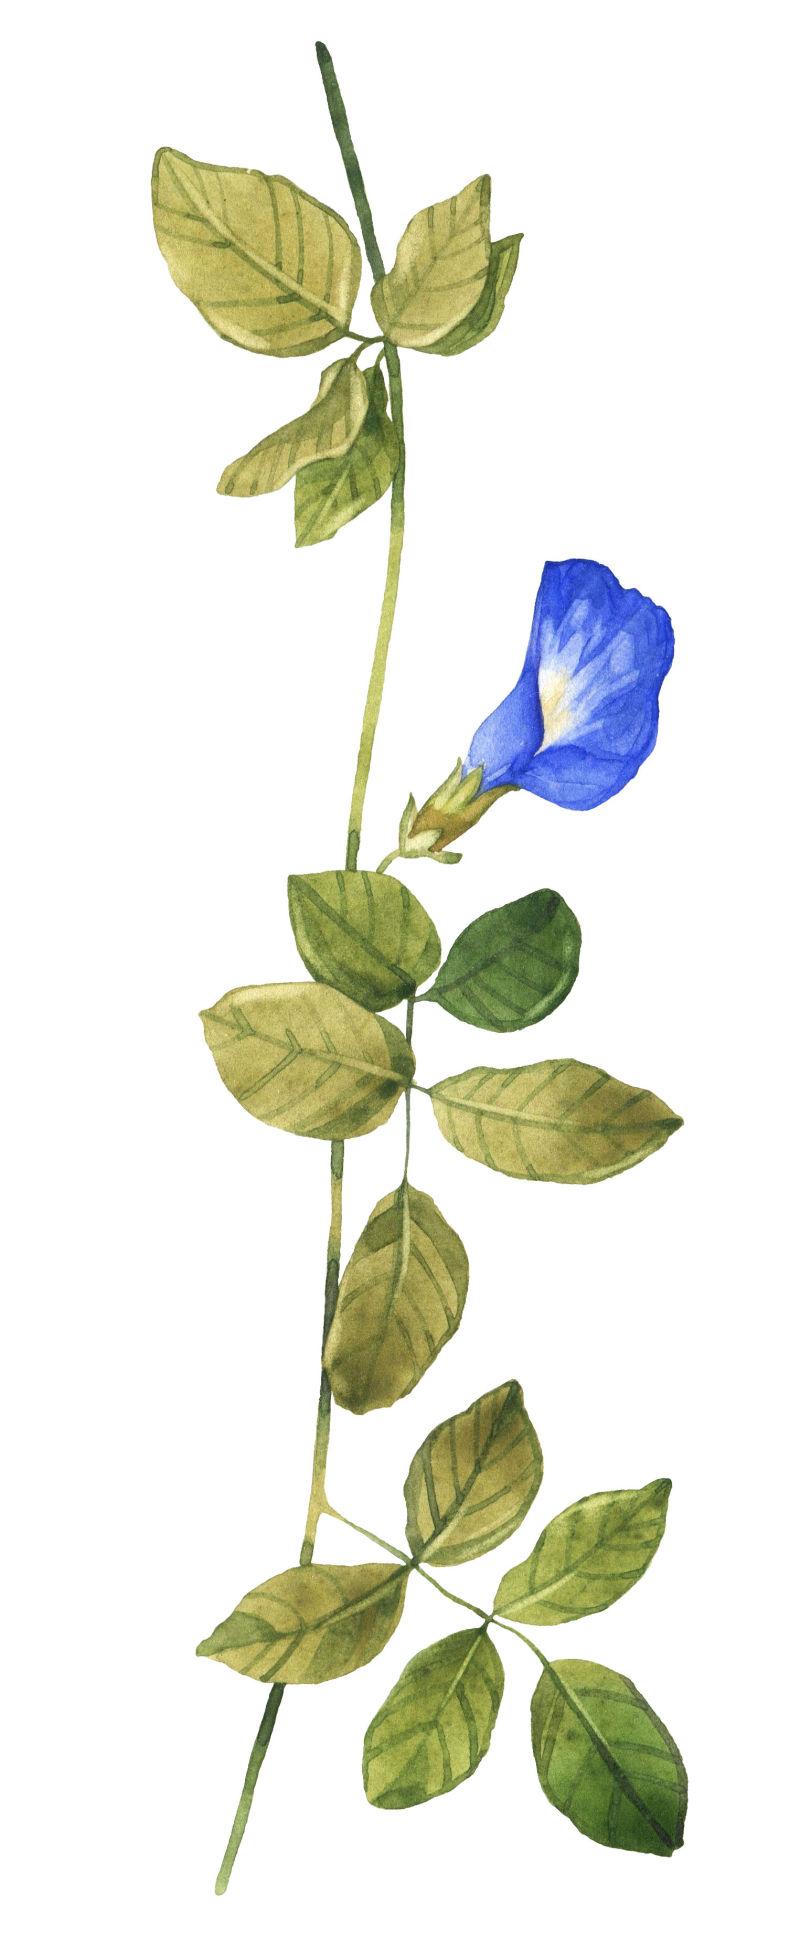 矢量绿色藤蔓上的蓝色喇叭花